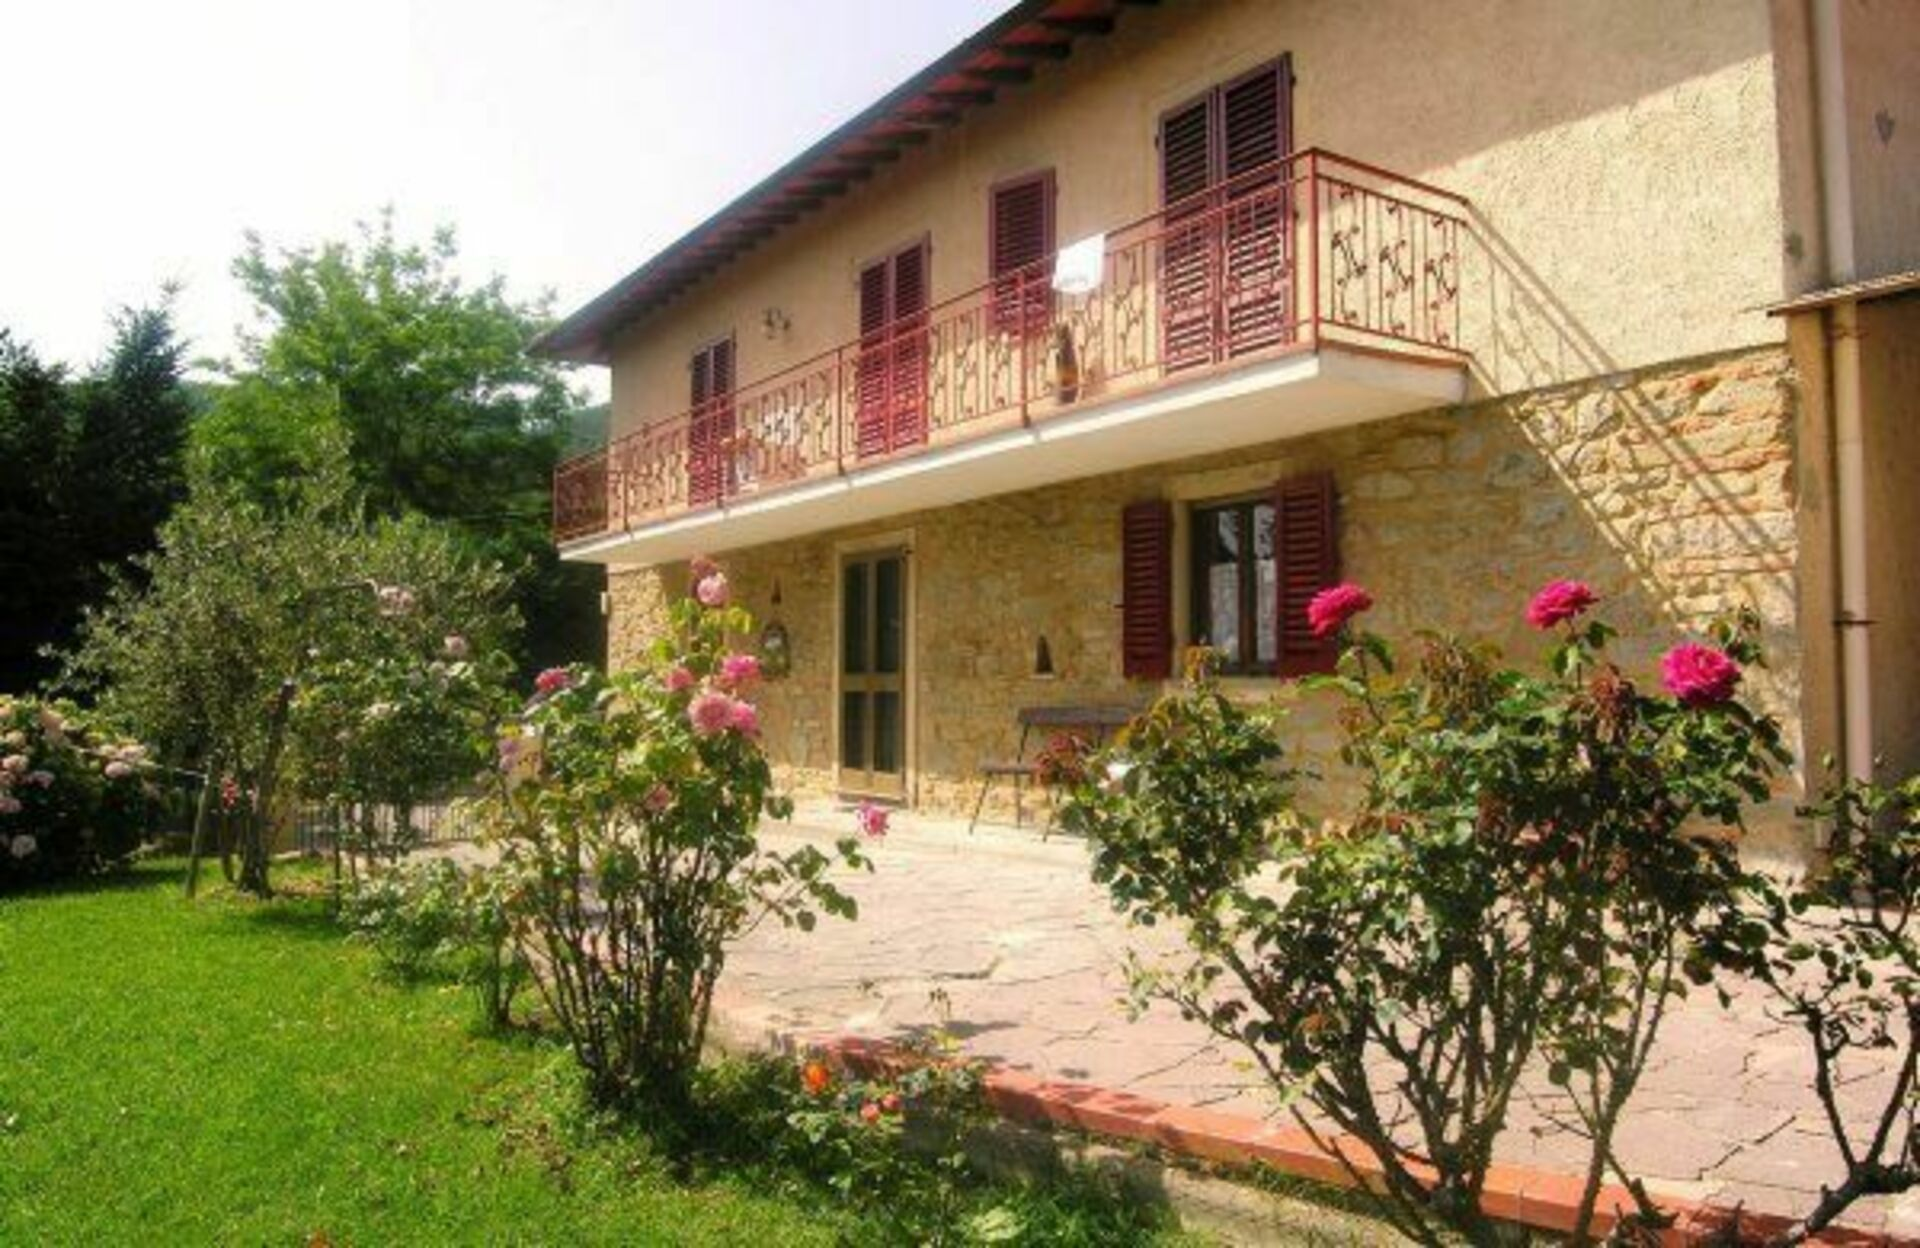 Costa casa vacanze con 9 posti letto in 5 camere for Semplice casa con 3 camere da letto piani kerala